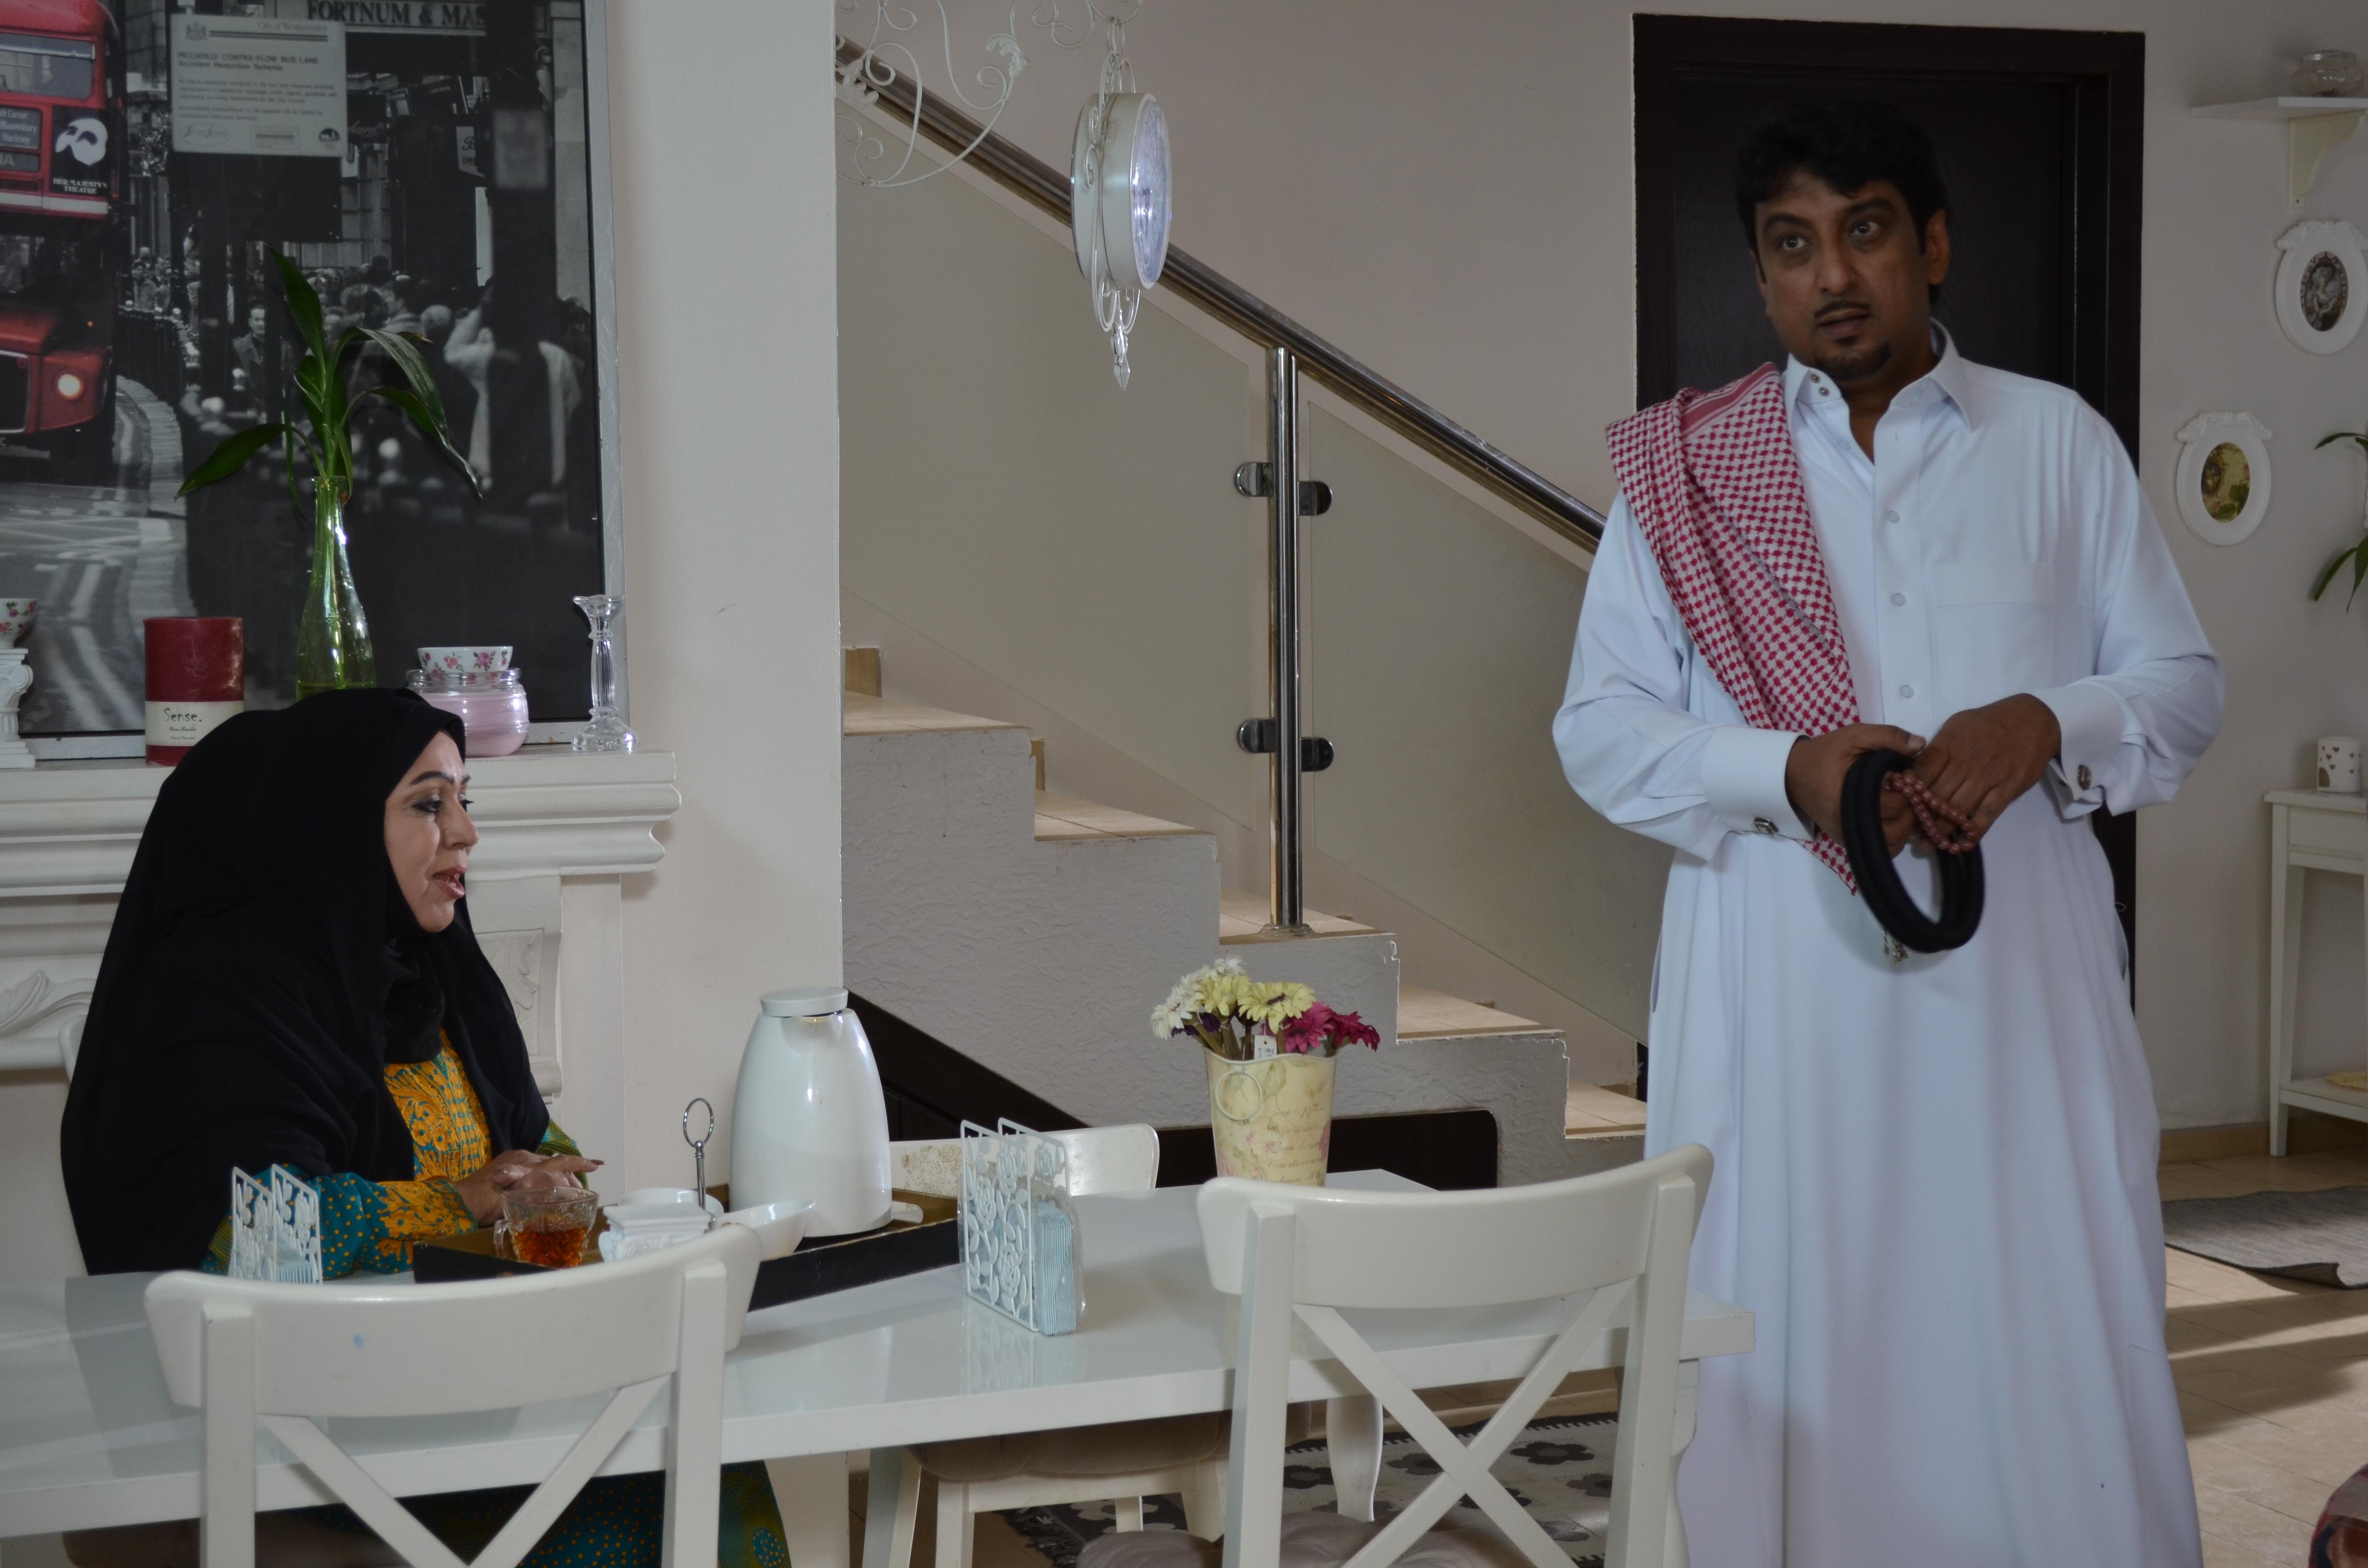 محمد العيسى شارك في بطولة اختراق 2